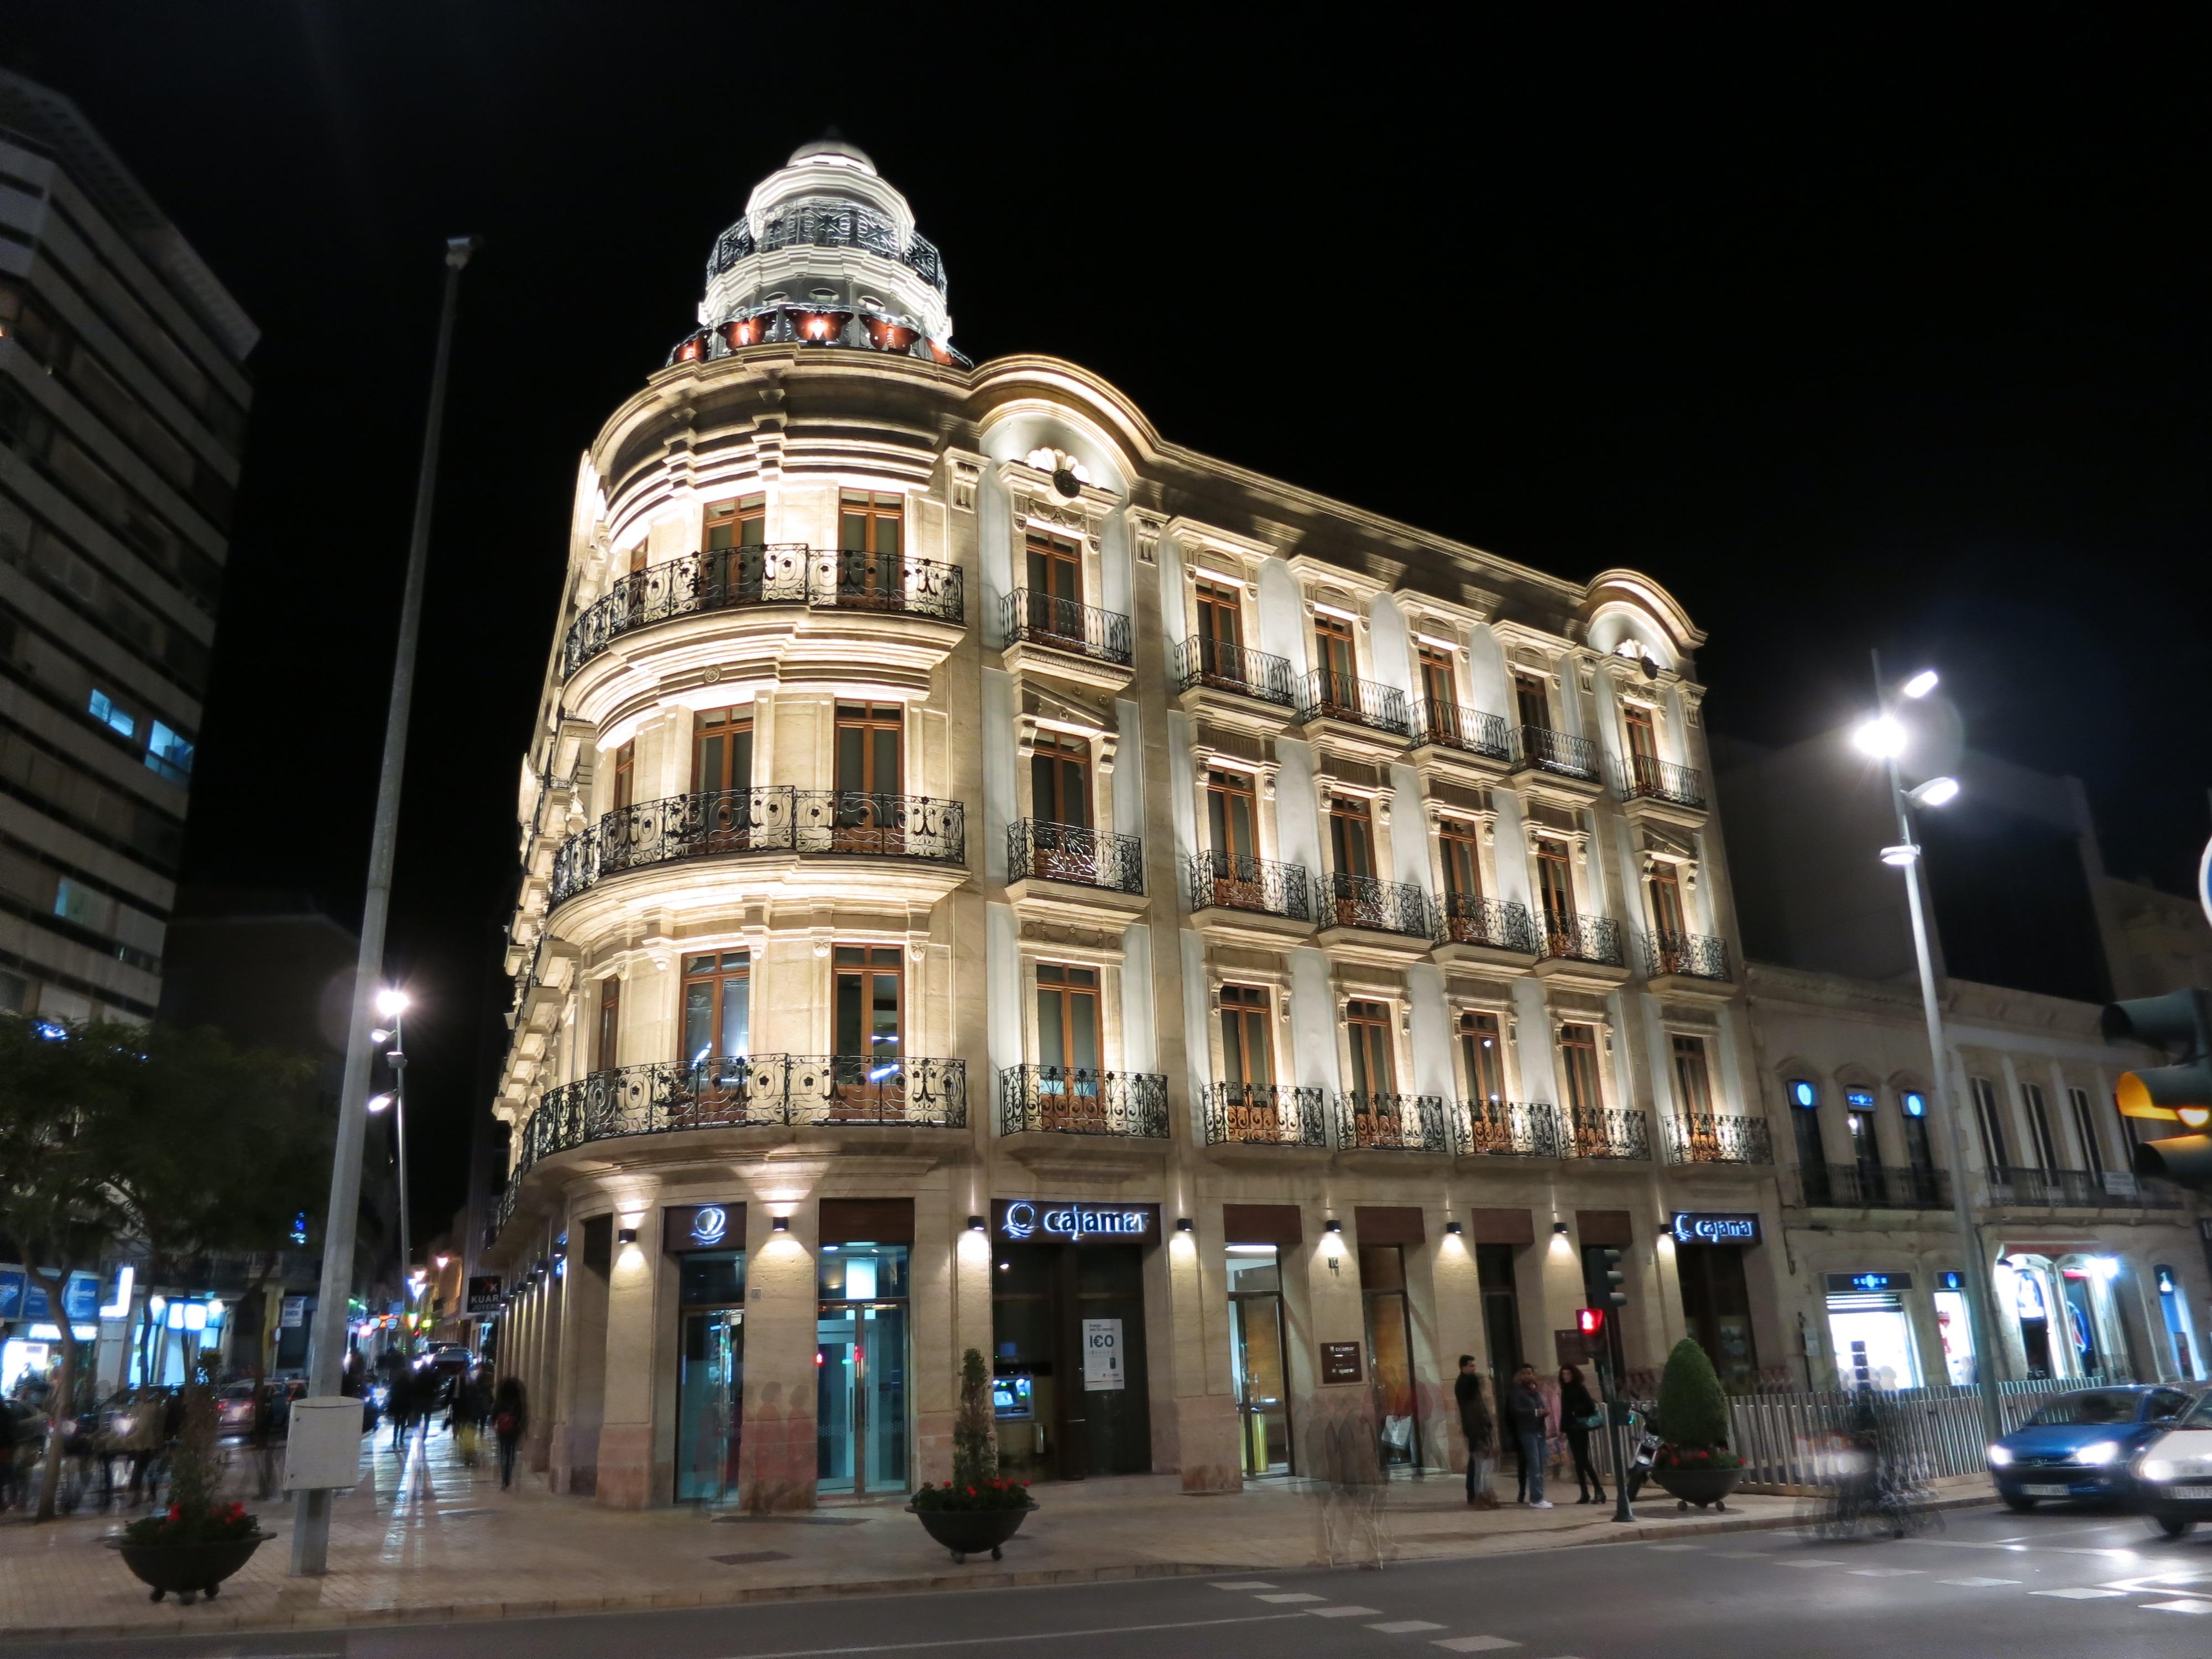 File:Almería. Casa de las Mariposas, en la Puerta de Purchena..JPG.